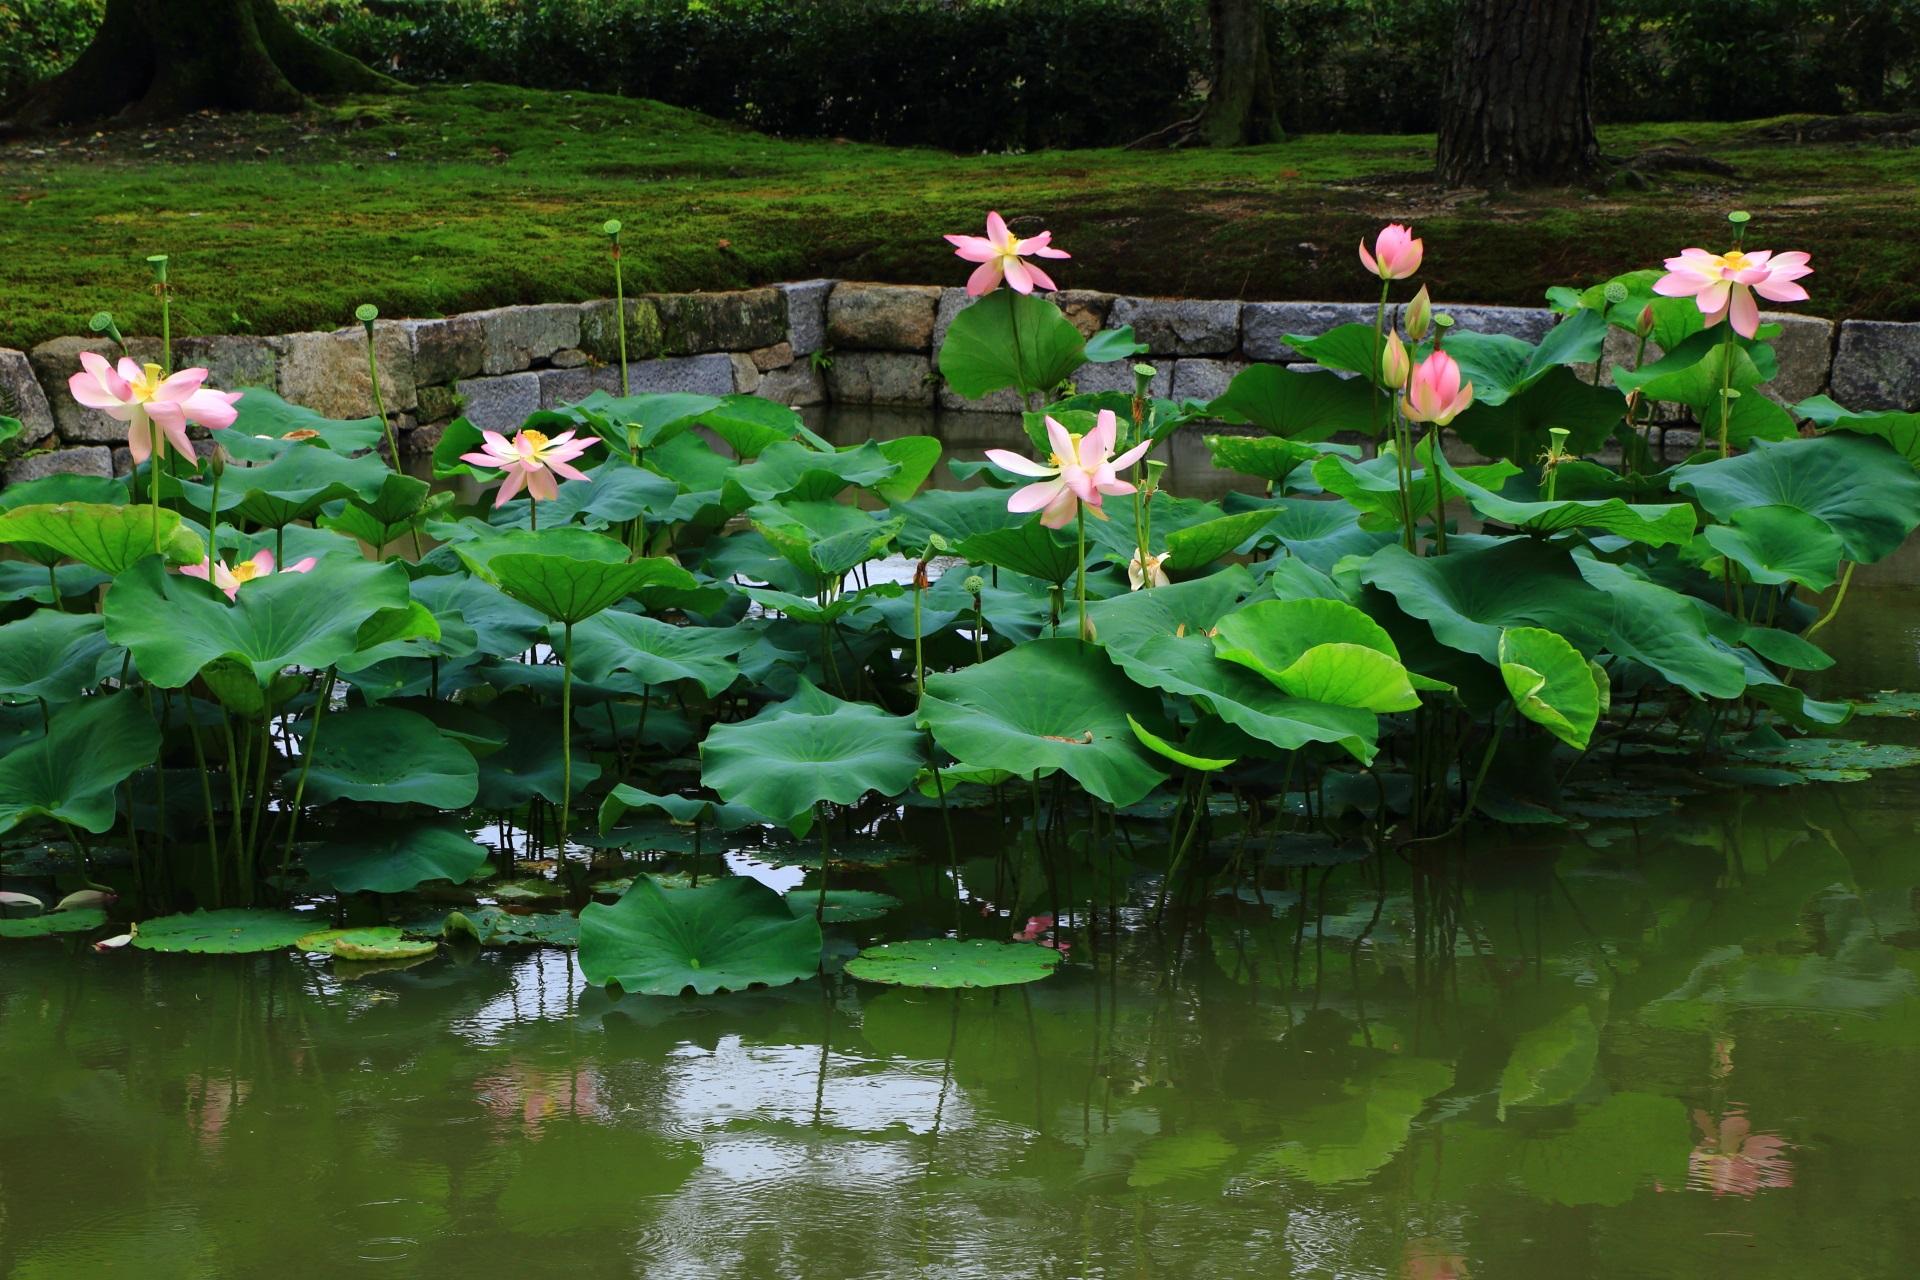 柔らかく癒される色合いの建仁寺の緑の蓮の葉とピンクの蓮の花